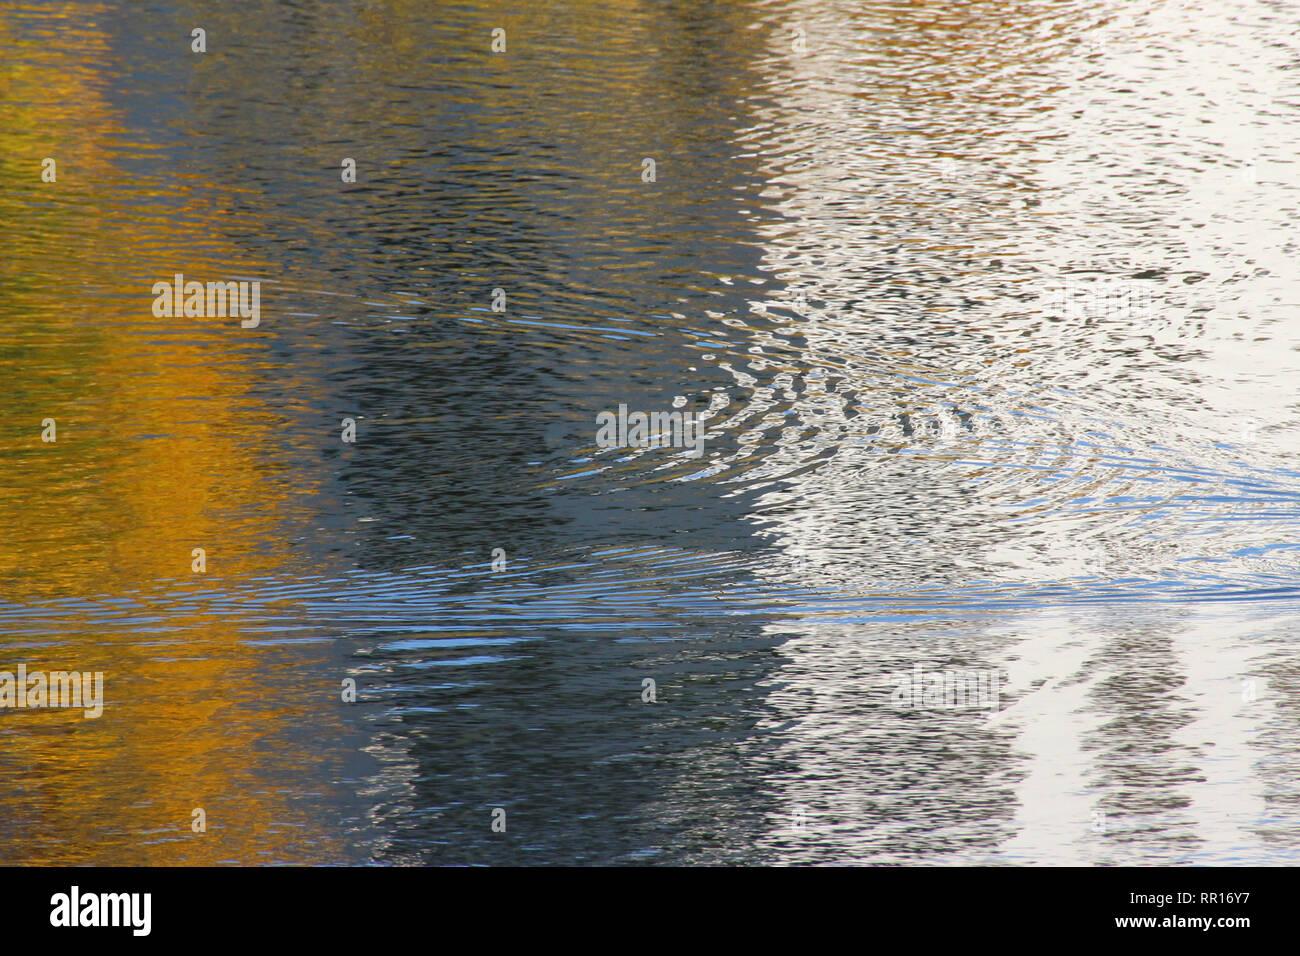 Abstrakte Wasser Reflexion Stockbild